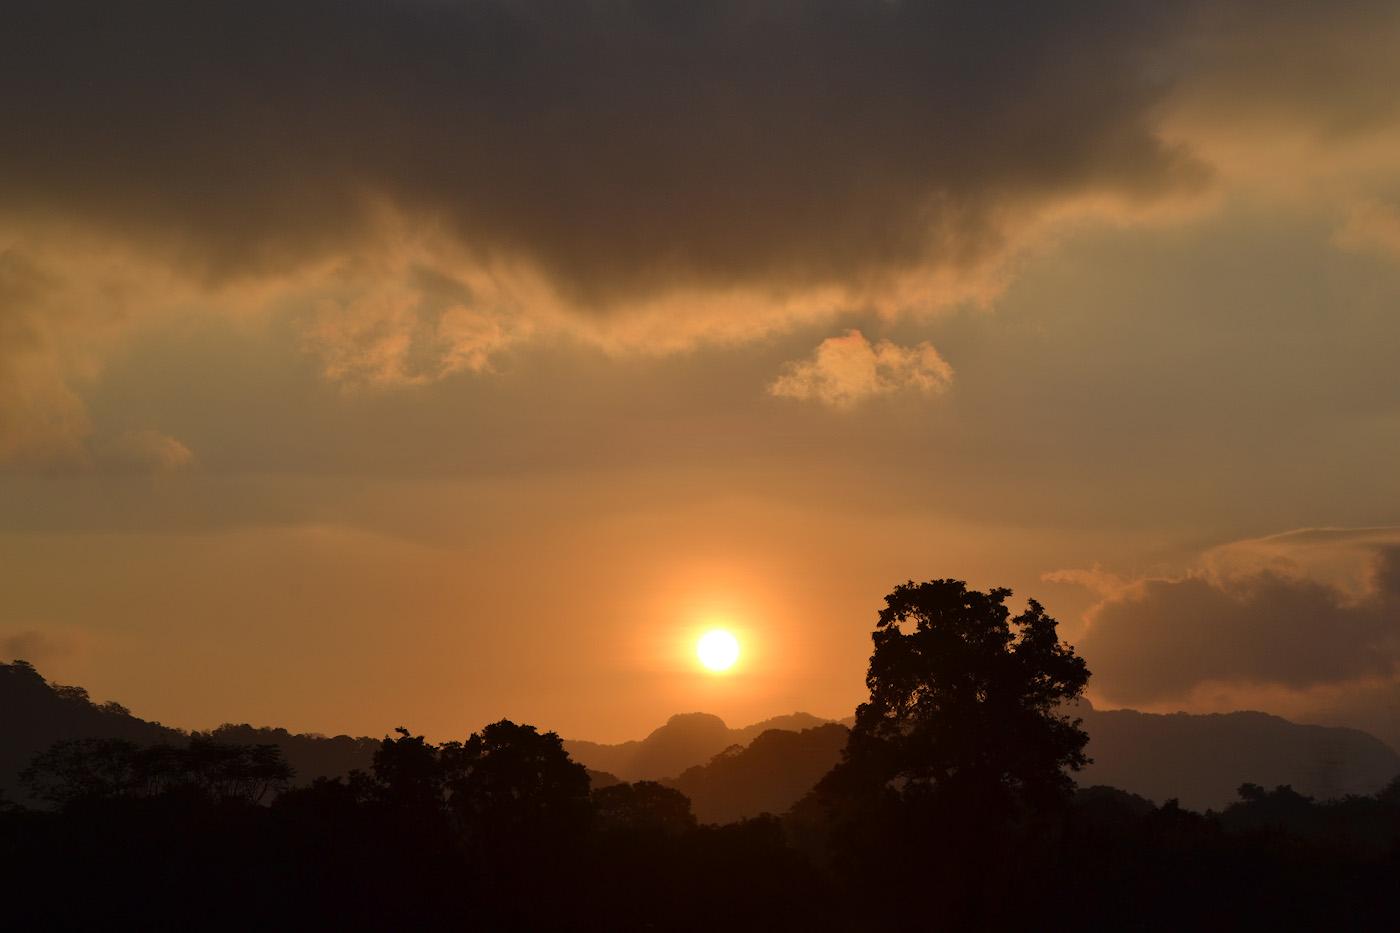 Фотография 30. Незабываемый рассвет в Сигирии. Стоит ли ехать так далеко из Унаватуны? Отчет о самостоятельном путешествии на Шри-Ланку из Омска. 1/640, 13.0, 100, 55.